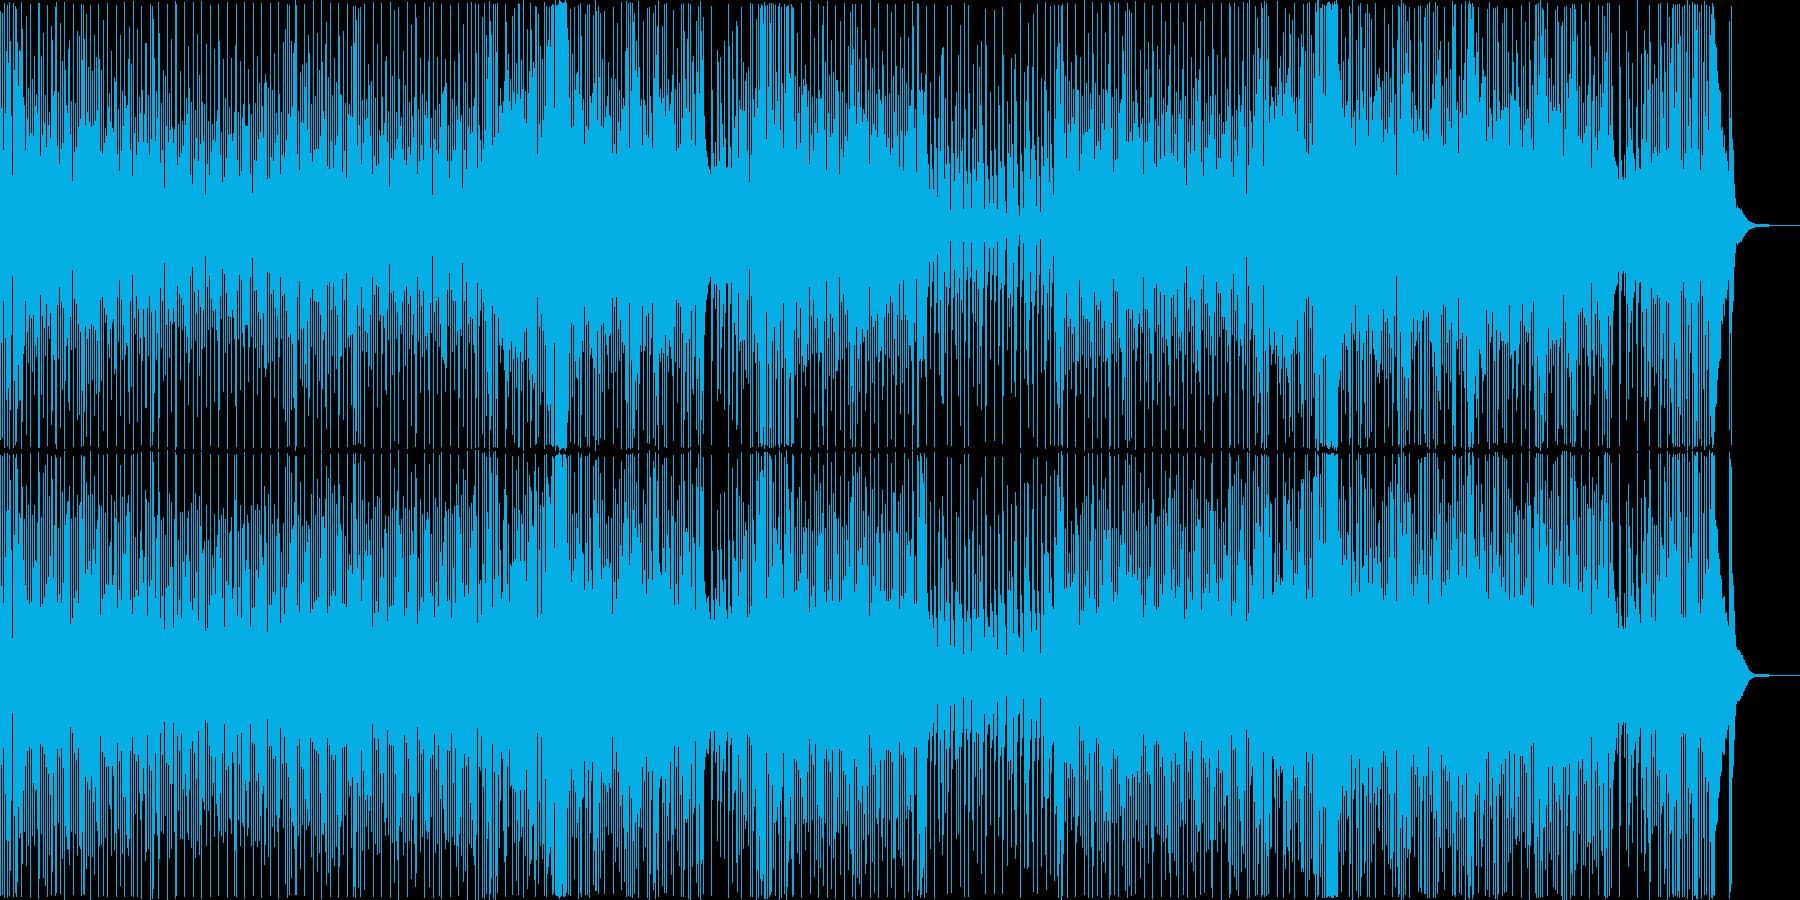 【メロディ抜き】気分がハイになるひたすらの再生済みの波形